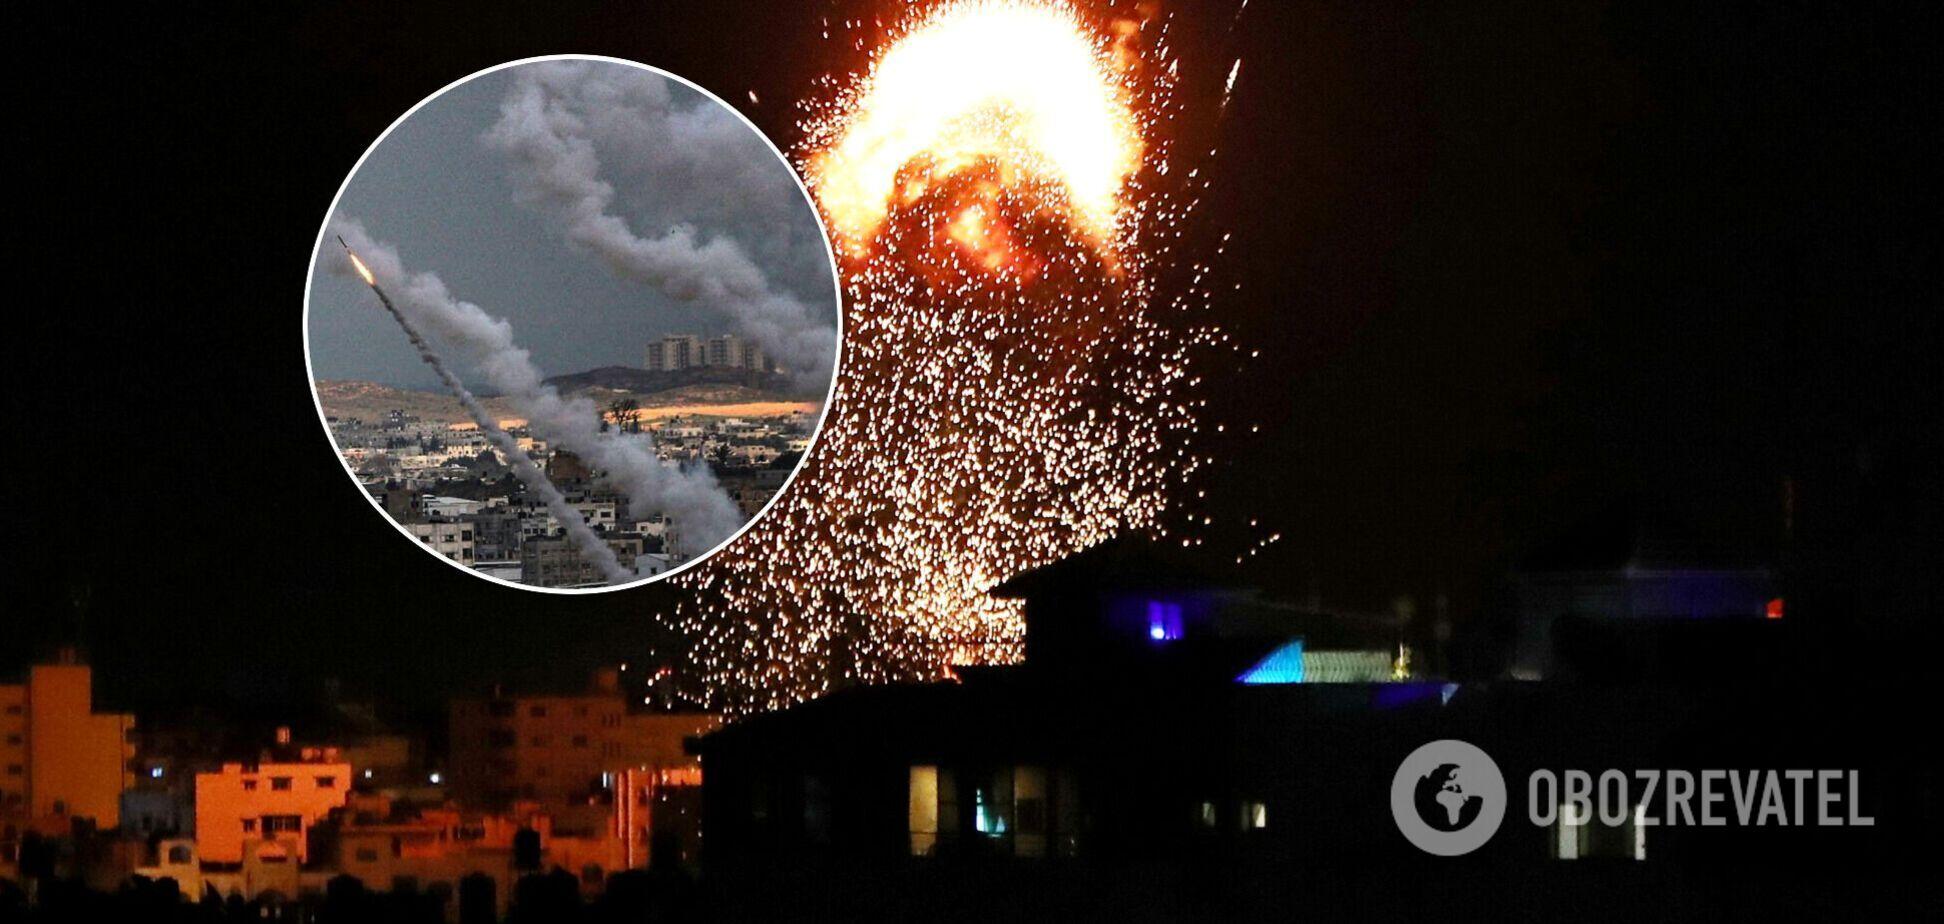 Ливан выпустил ракеты в сторону Израиля